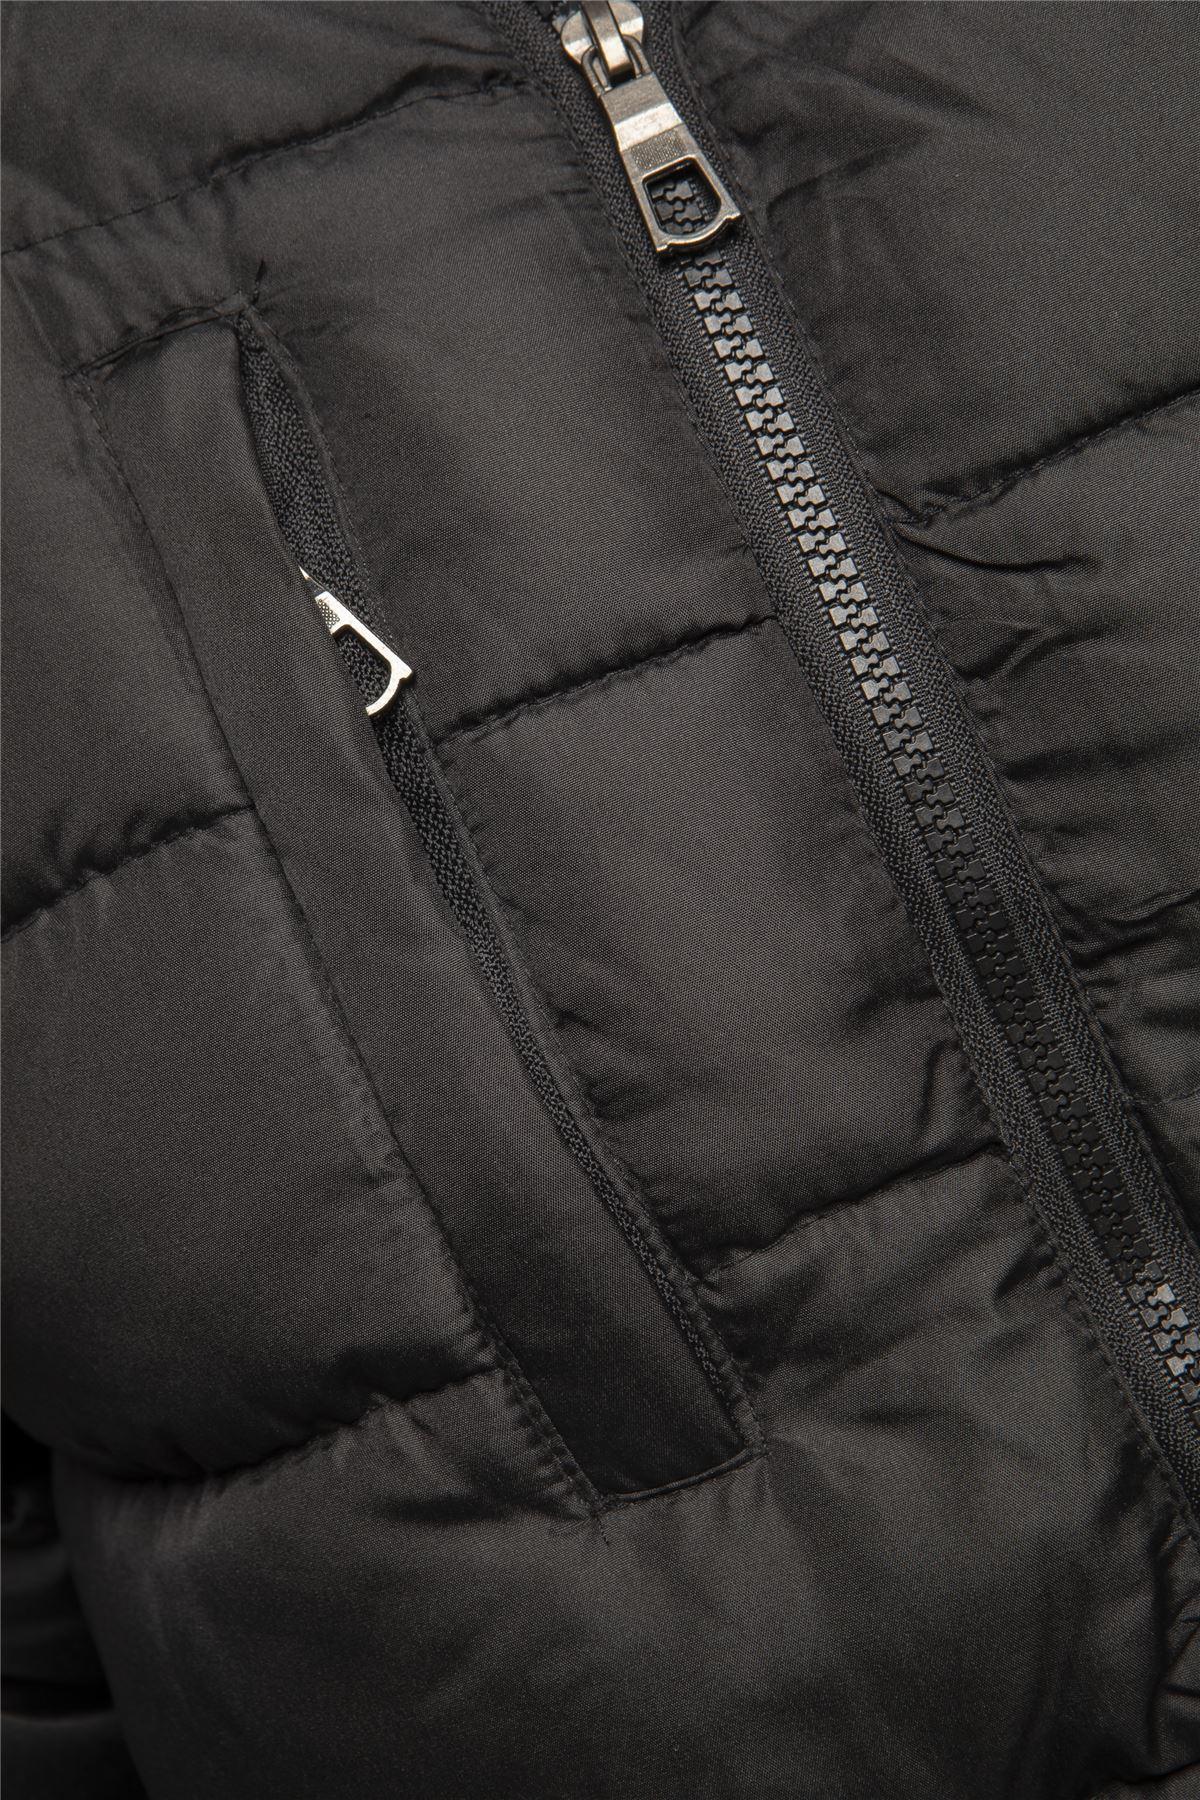 New Mens Winter Warm Jacket Coat Padded SK-DB7 Size S M L XL